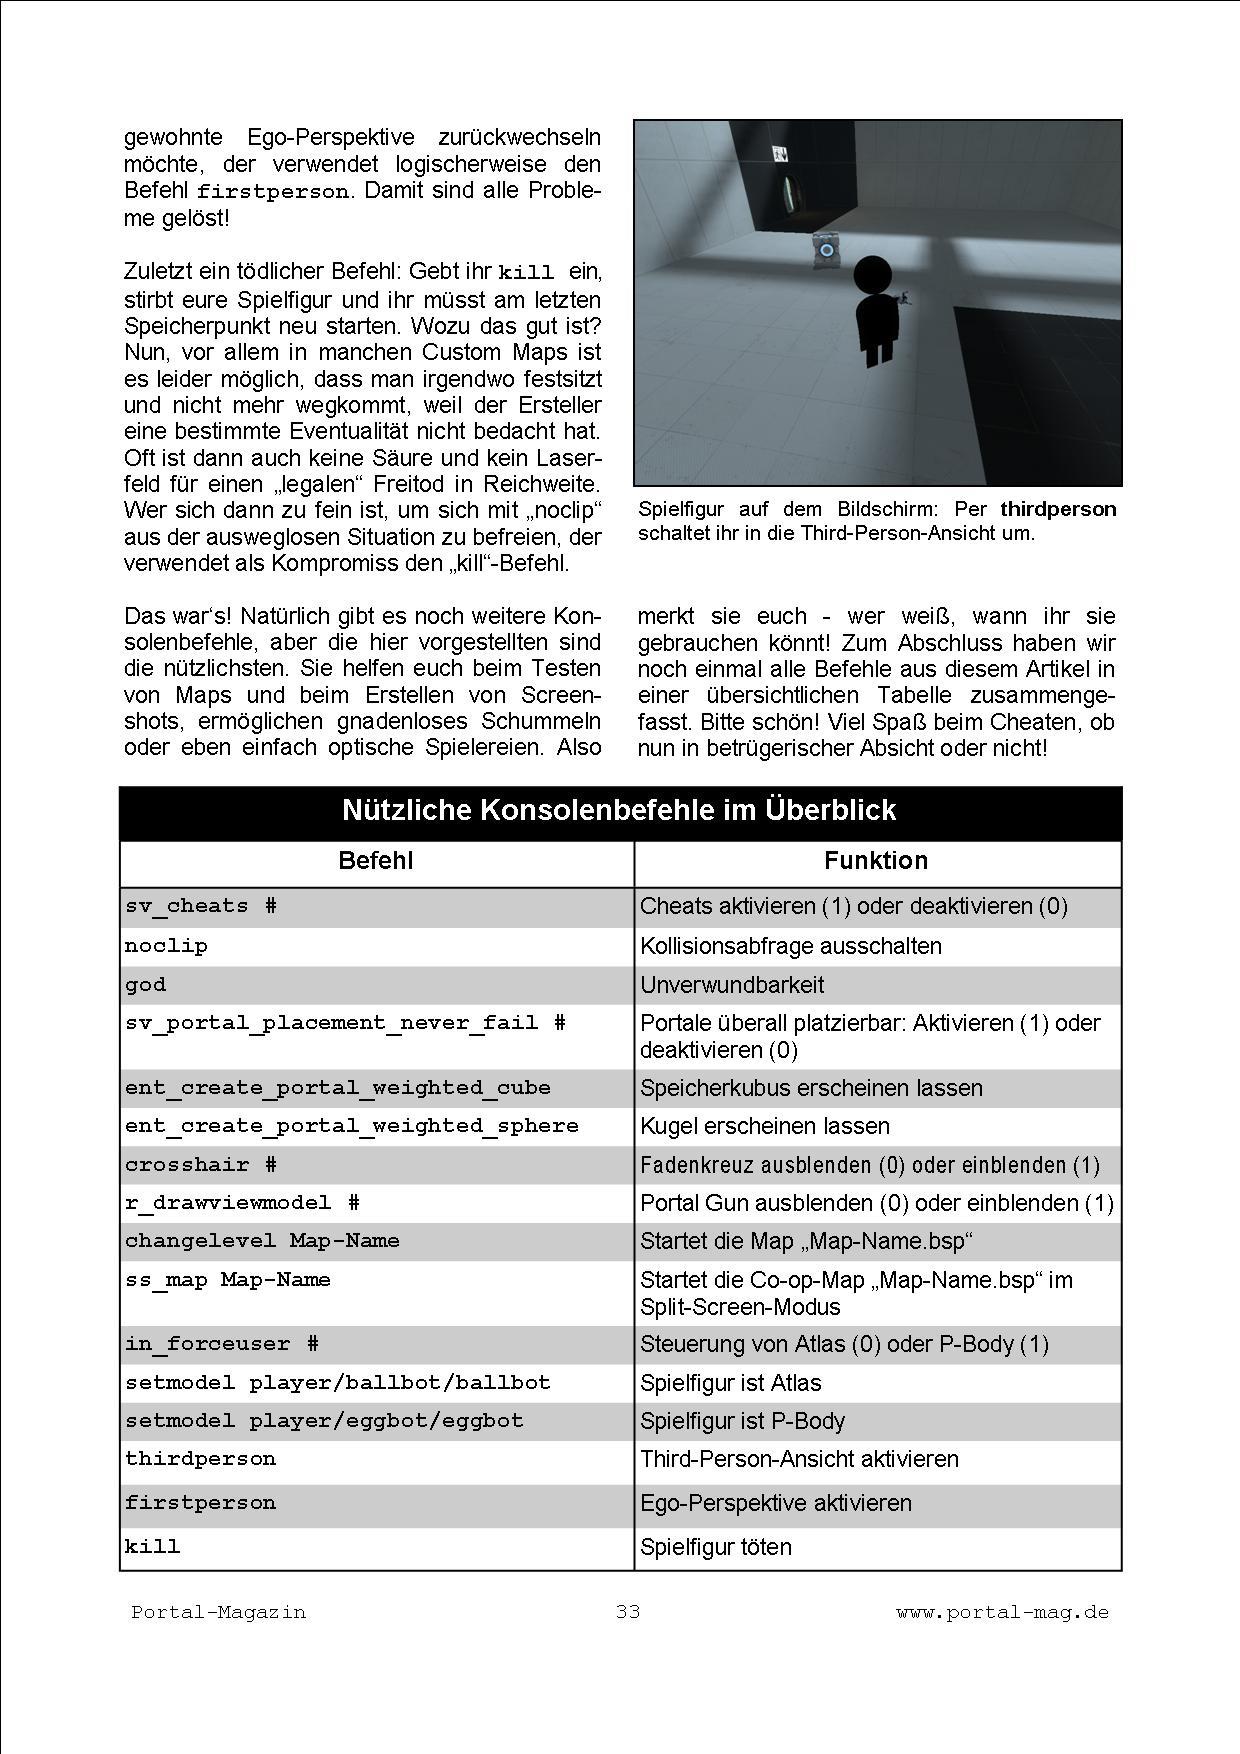 Ausgabe 11, Seite 33